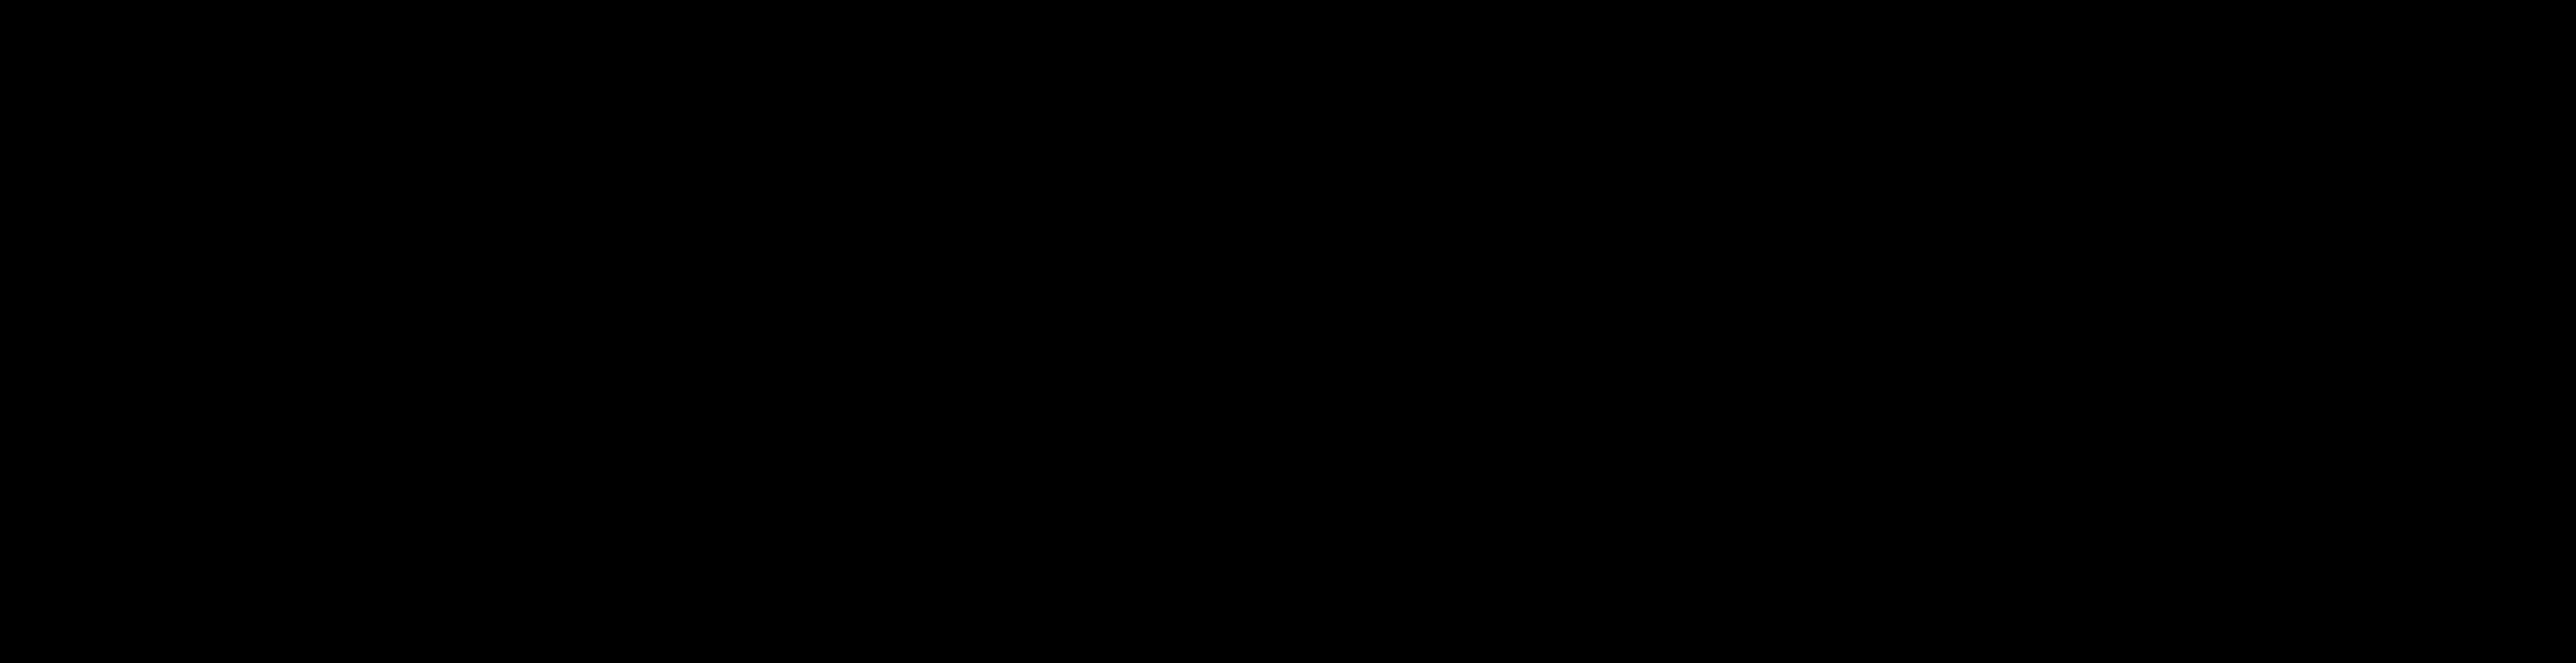 BioEM2021 banner